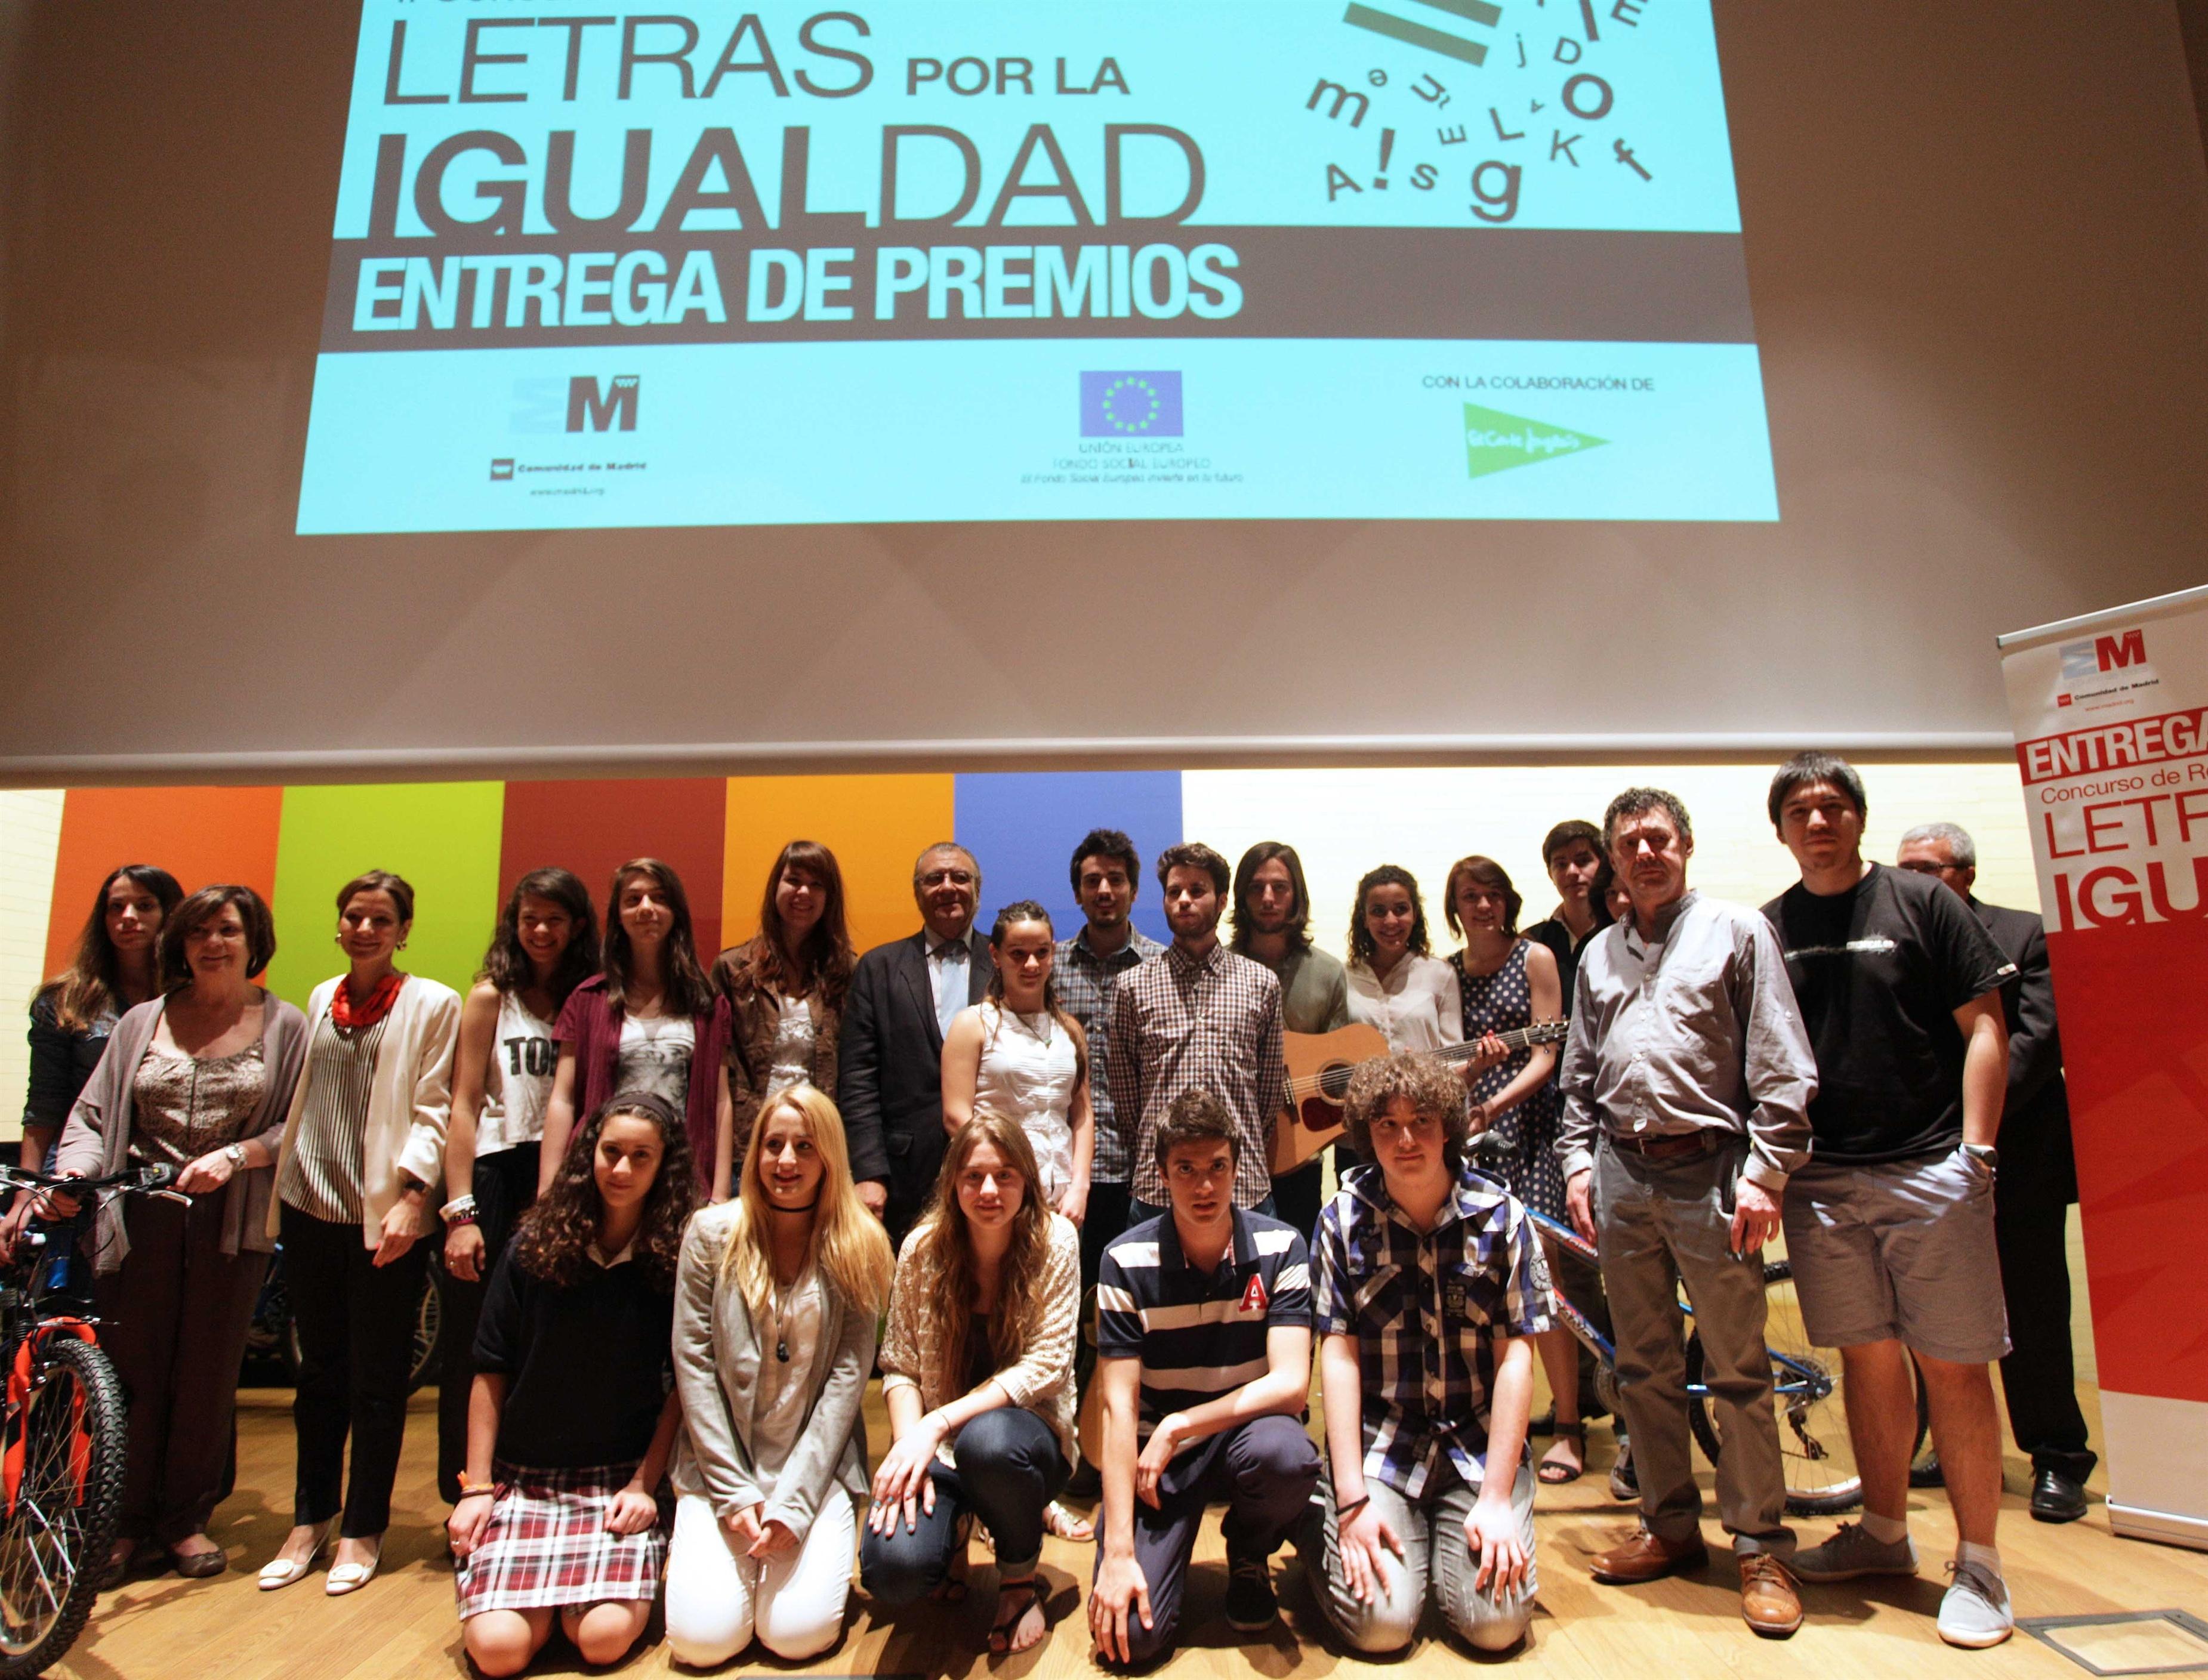 Entregados los premios del II Concurso de redacción »Letras por la Igualdad»